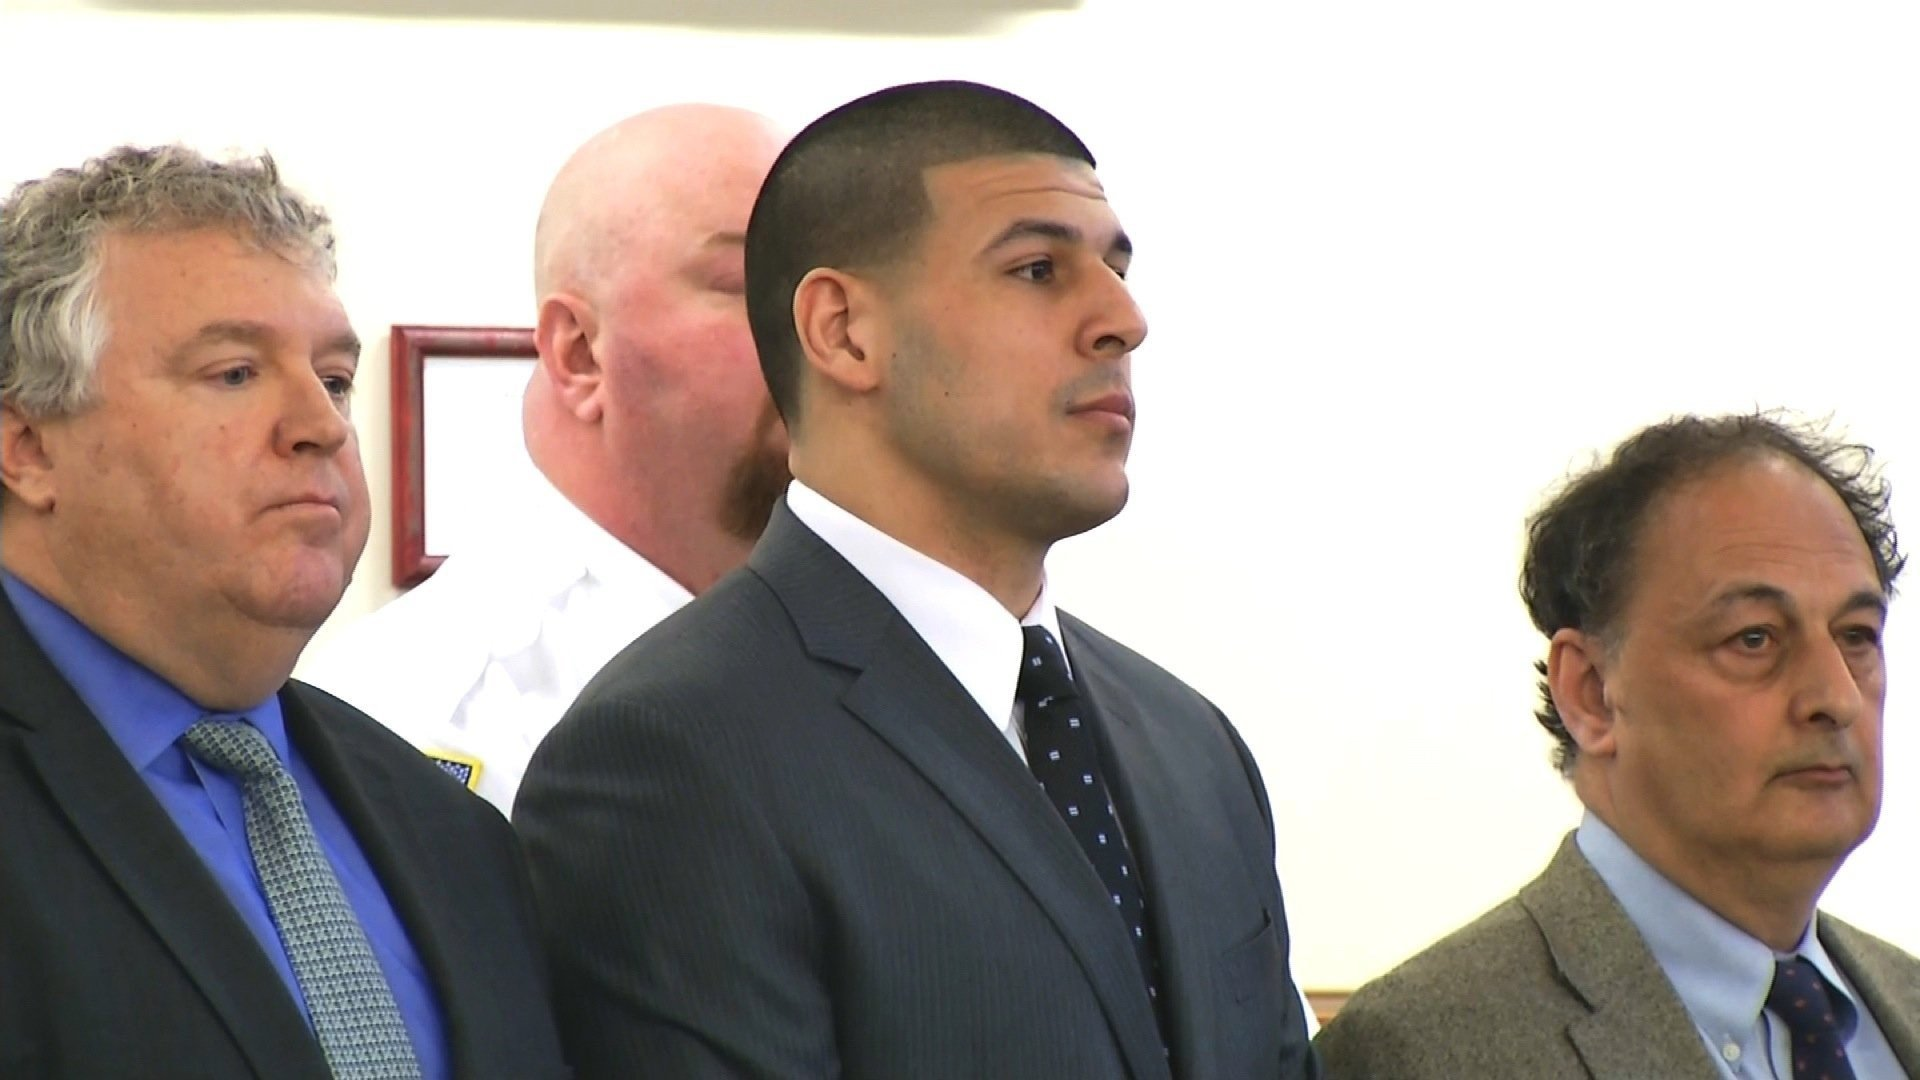 Lawyer Representing Aaron Hernandez Disputes Rumor of Gay Lover